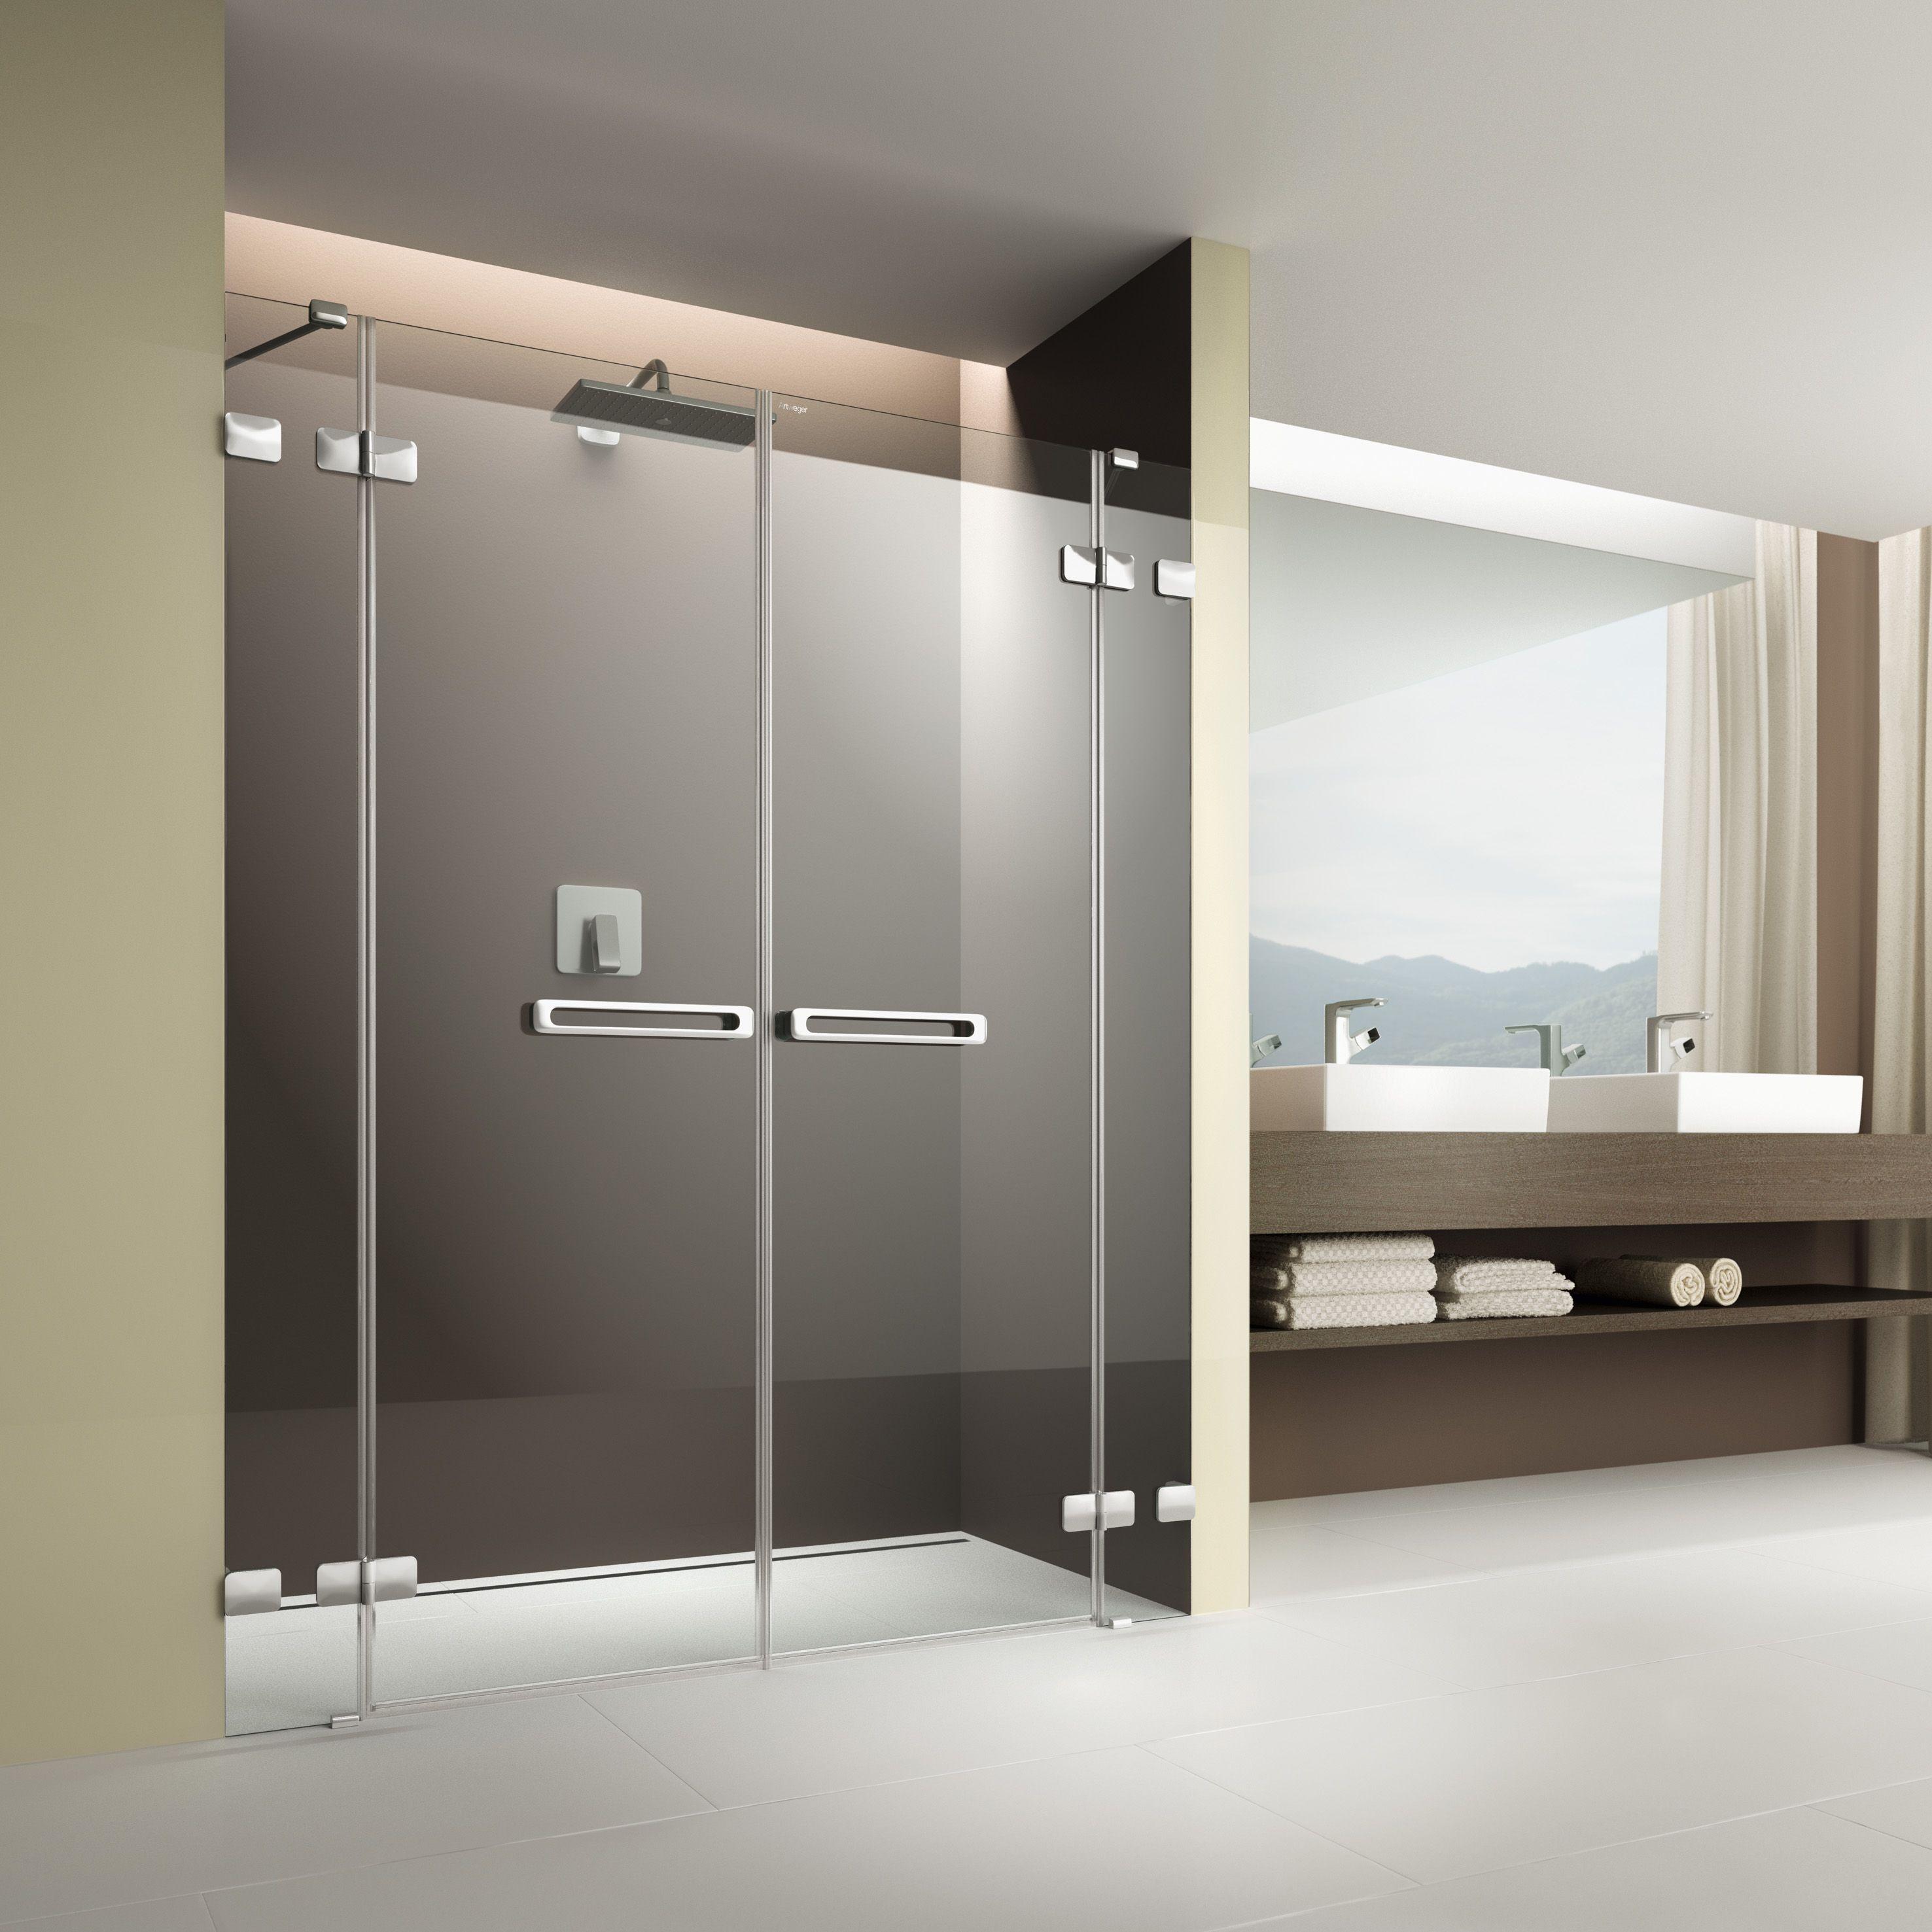 Haus außentor design großzügig stilvoll und praktisch ist dieses barrierefreie bad mit